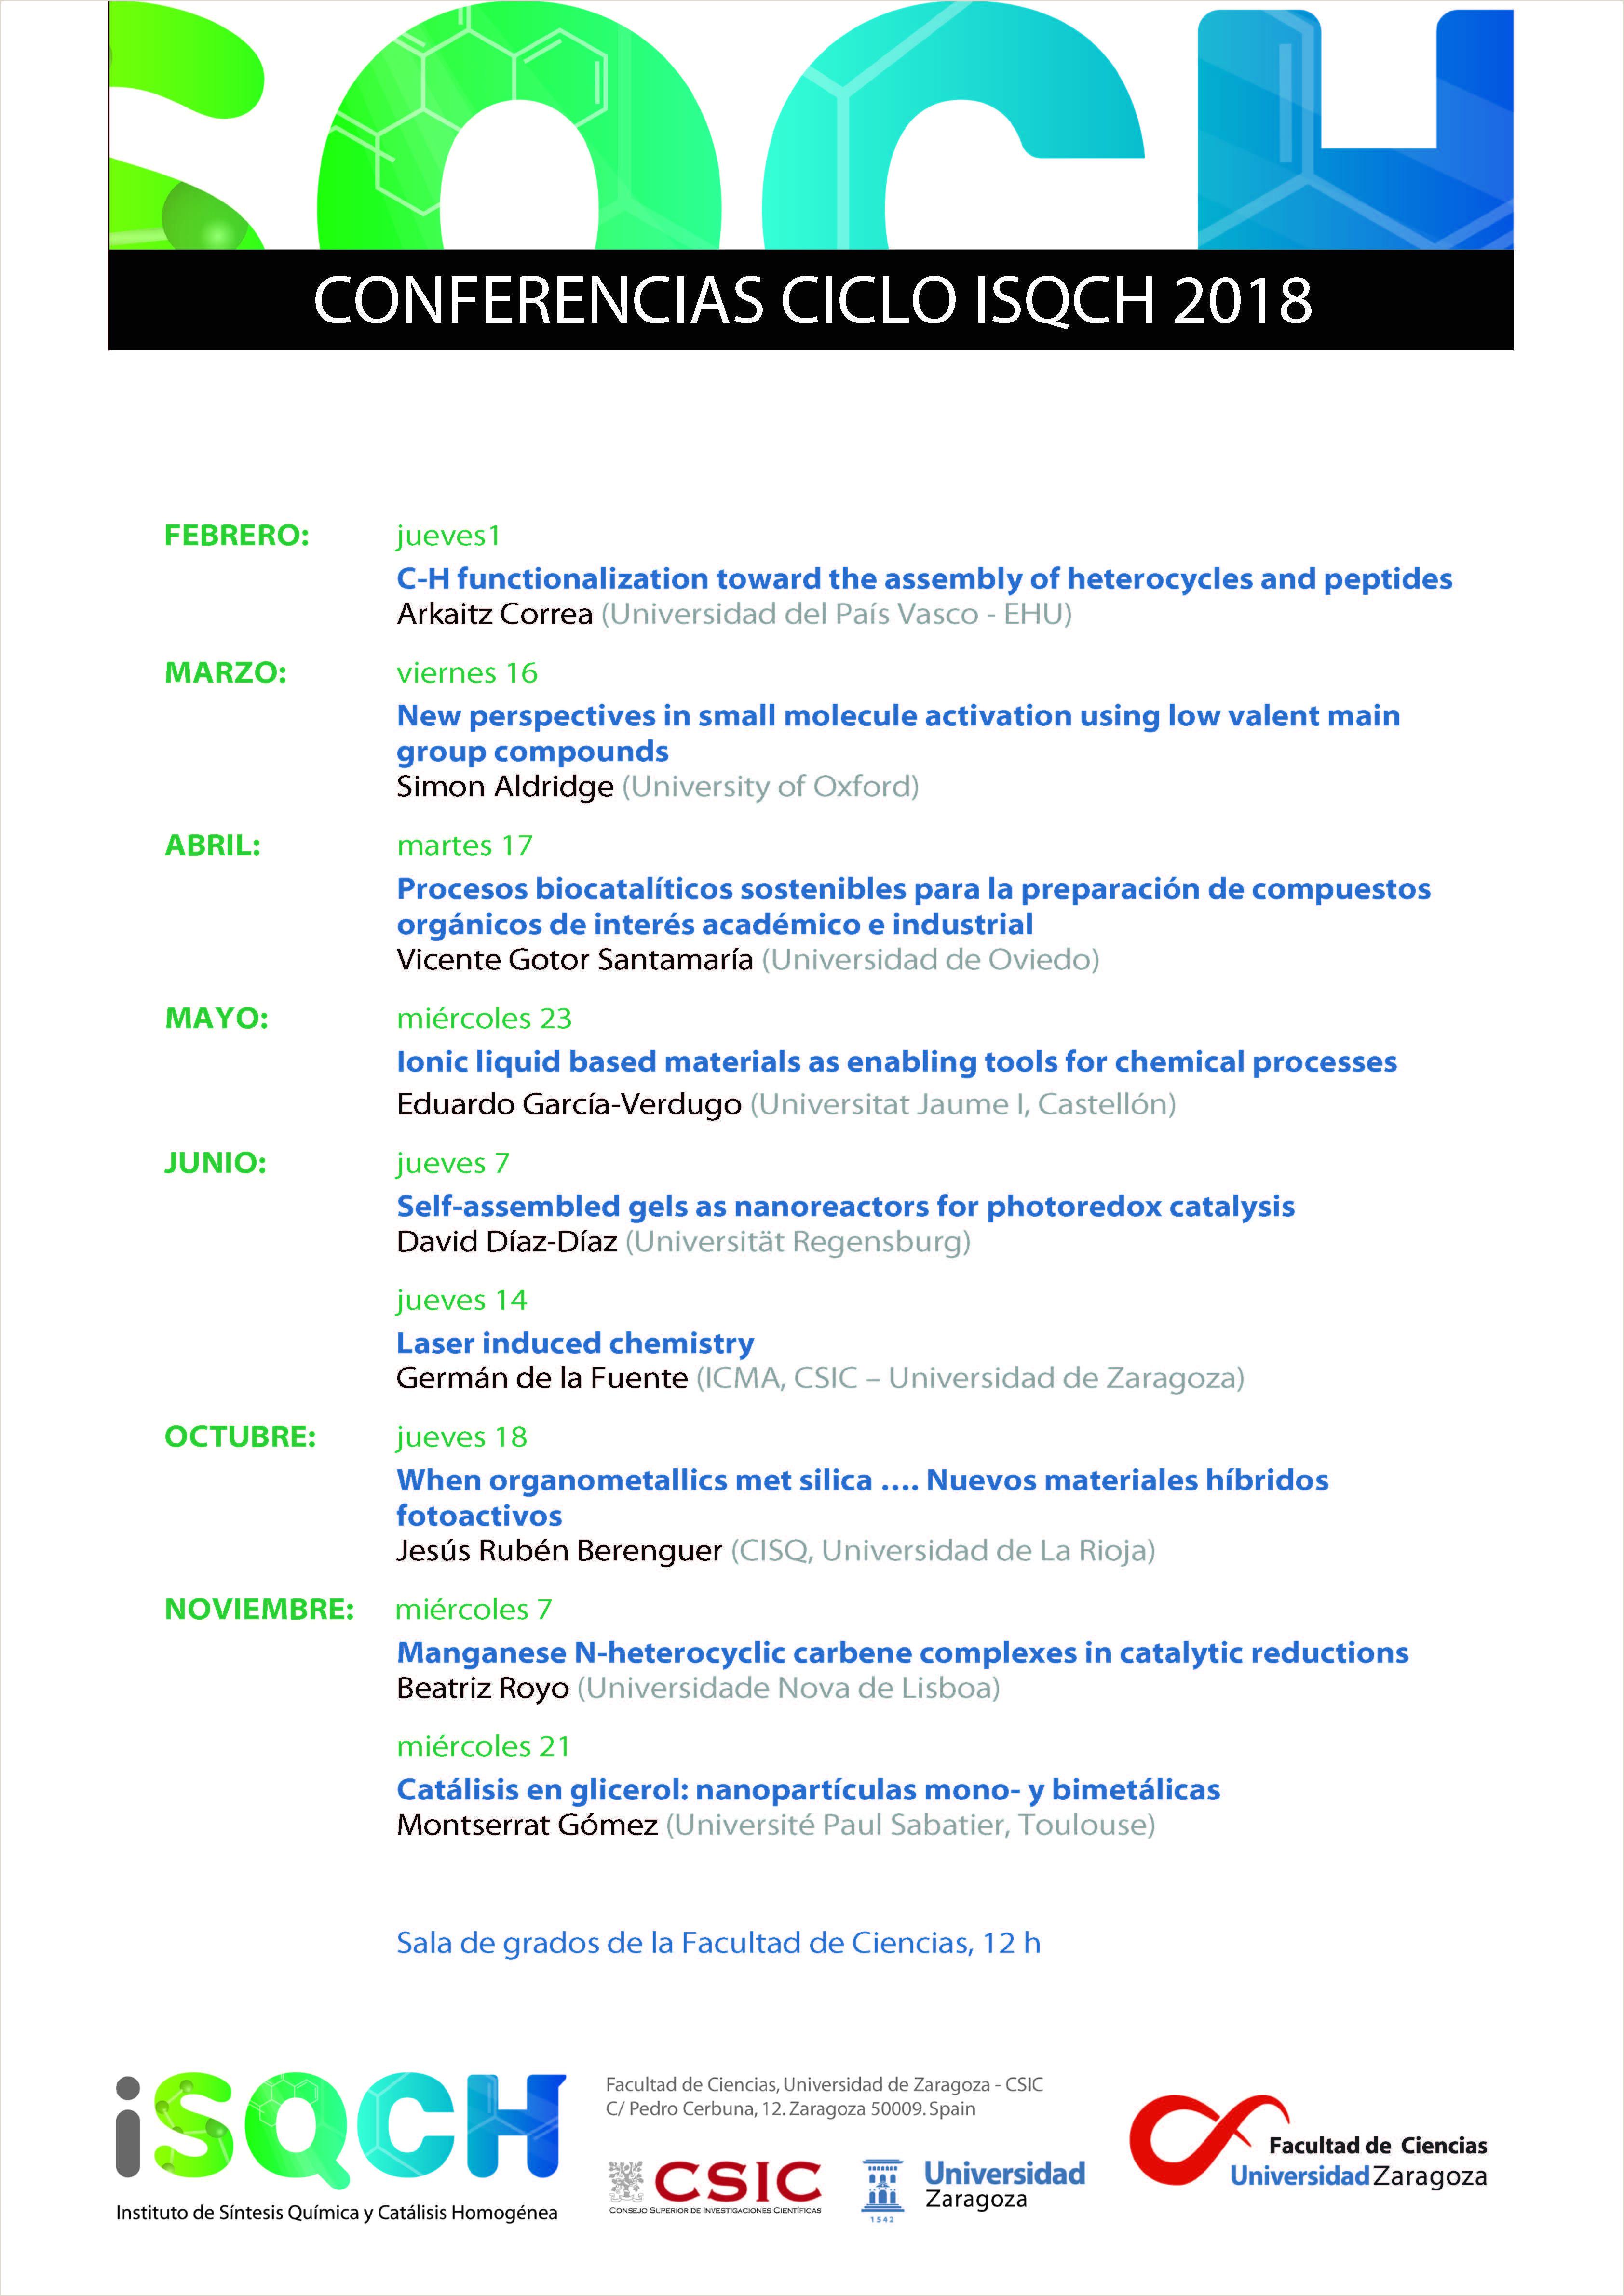 Formato Unico Hoja De Vida Persona Juridica Funcion Publica Word News